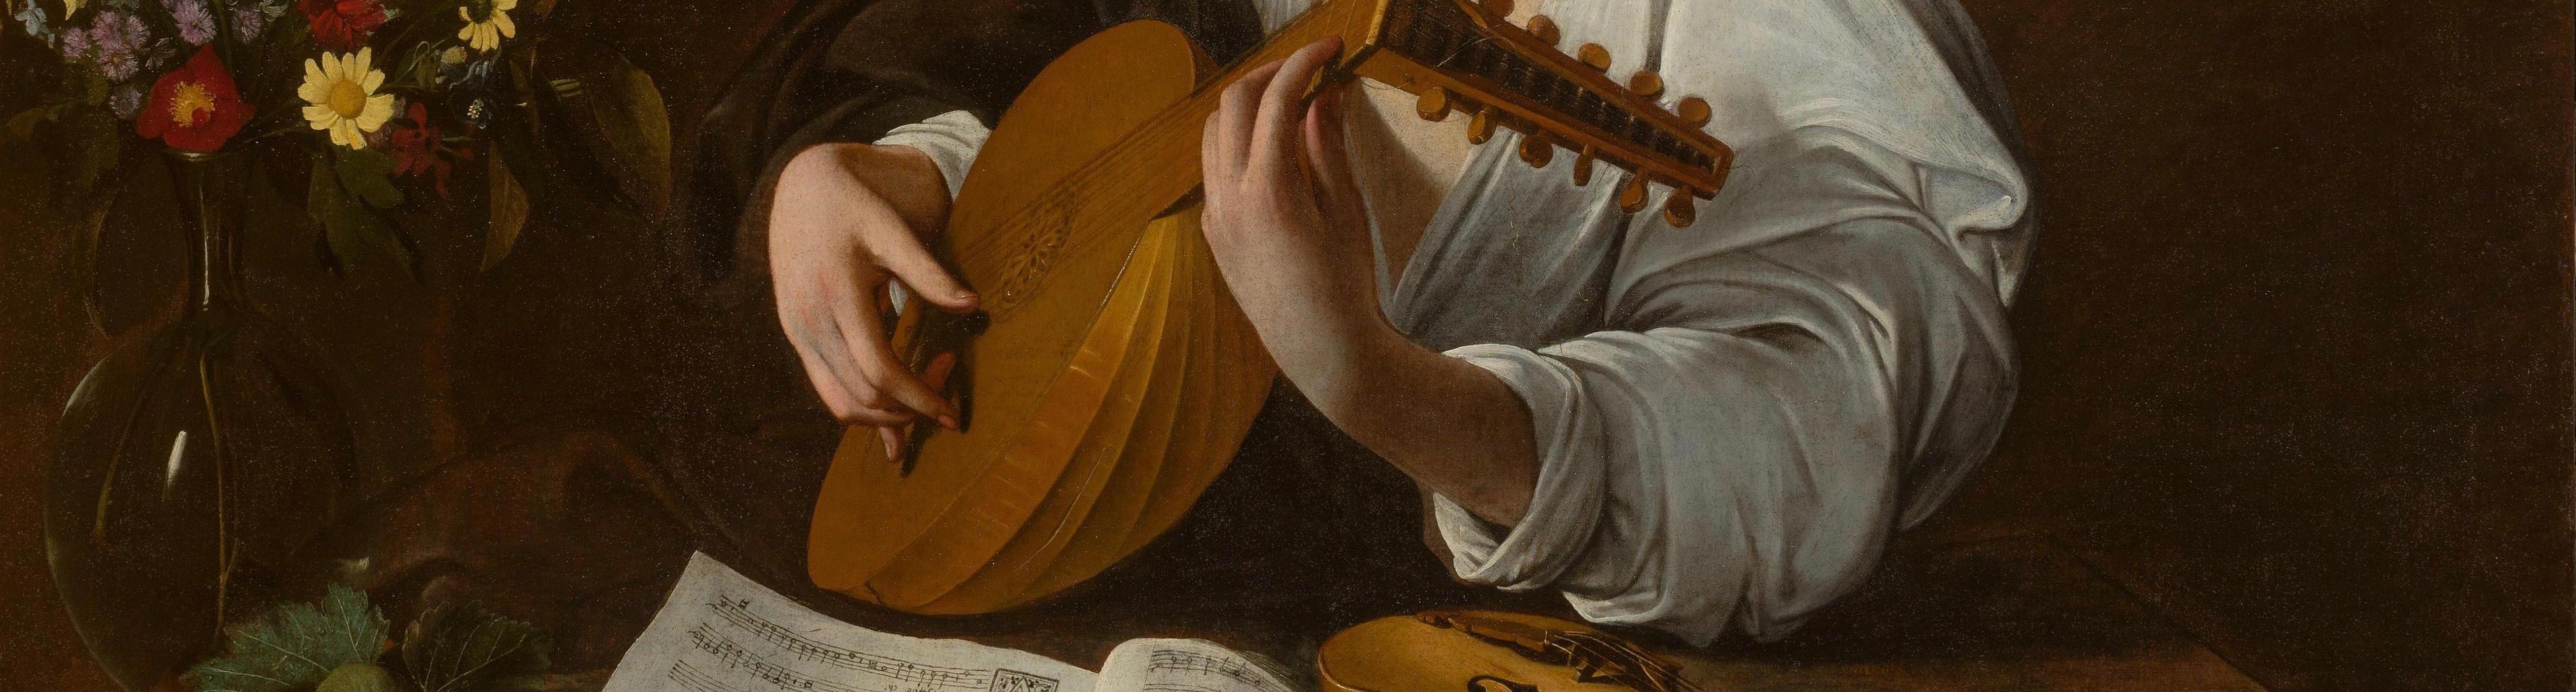 Tauche ein in die Welt der Renaissance